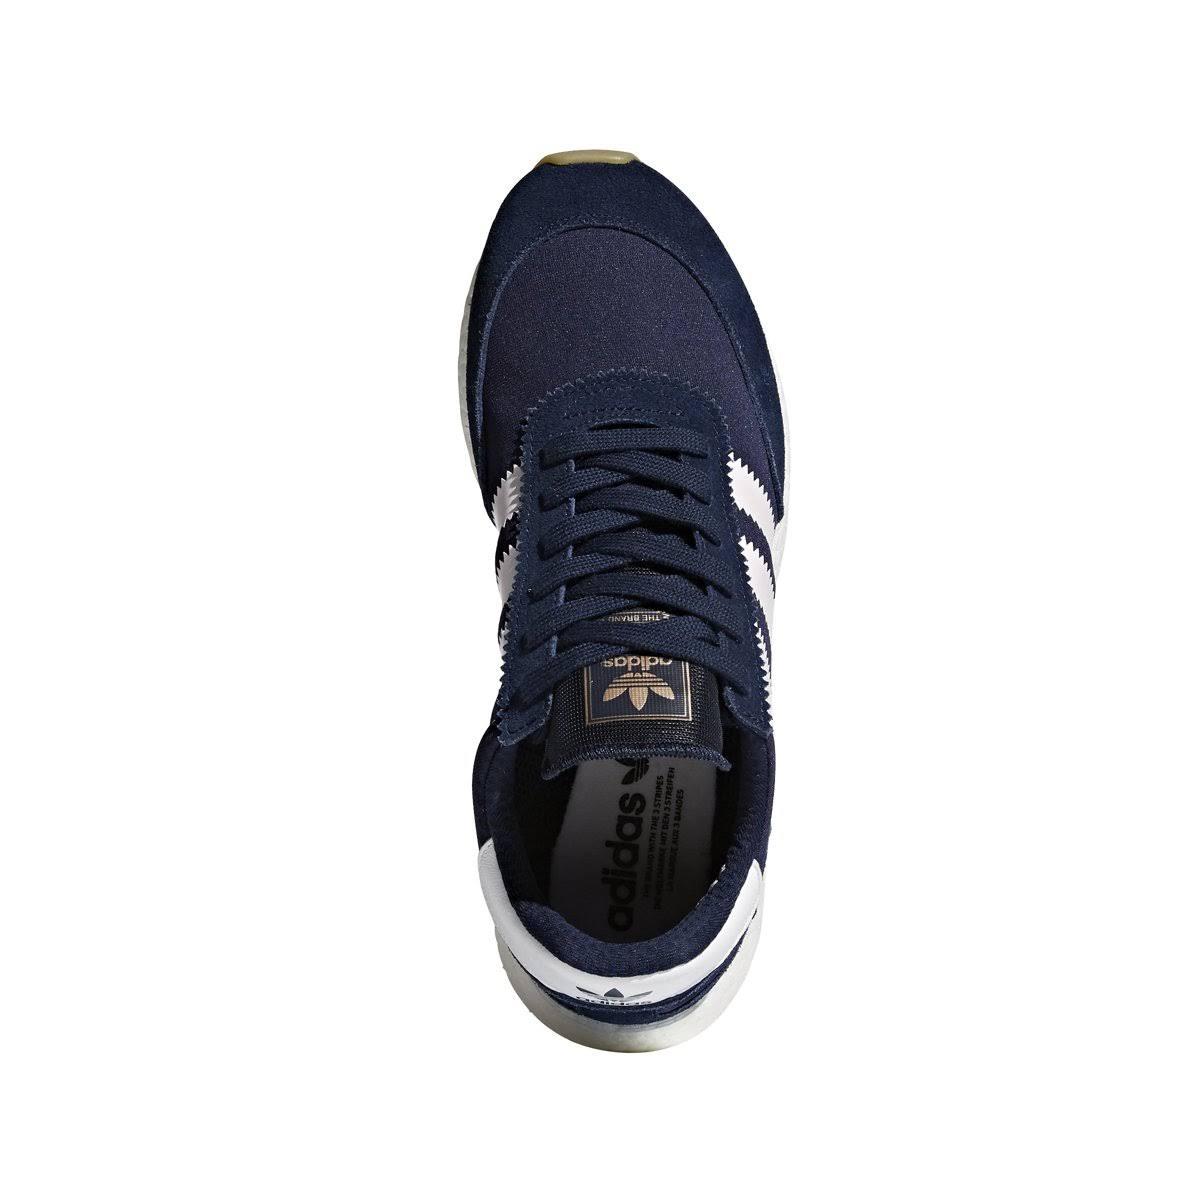 Mens Collegiate Navy 10 Runner Adidas Iniki Style Bb2092 white XYUWERx